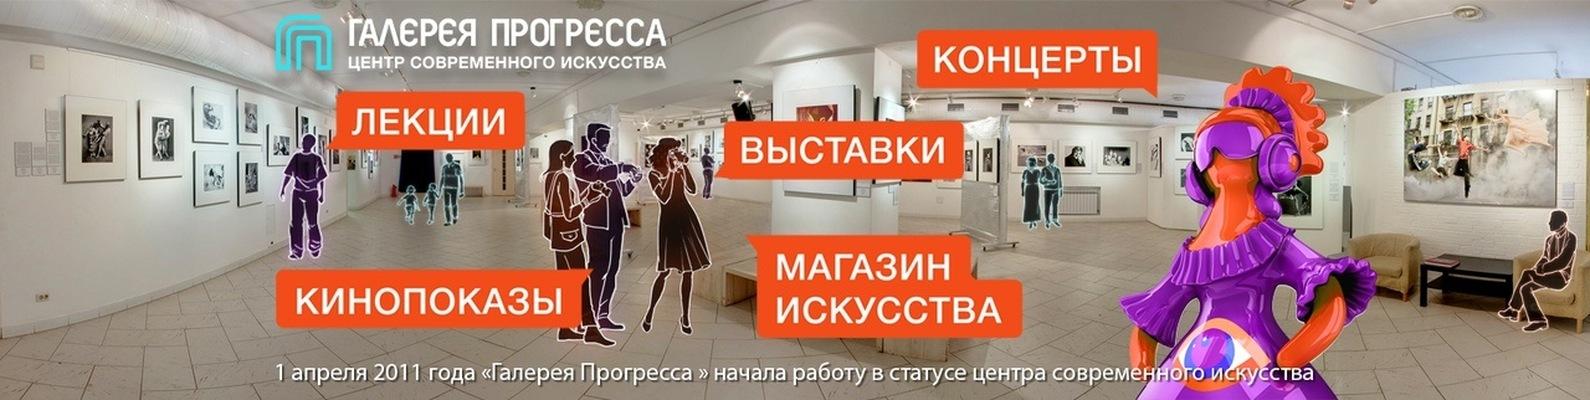 c0adbd2b3b2 Центр современного искусства «ГАЛЕРЕЯ ПРОГРЕССА»